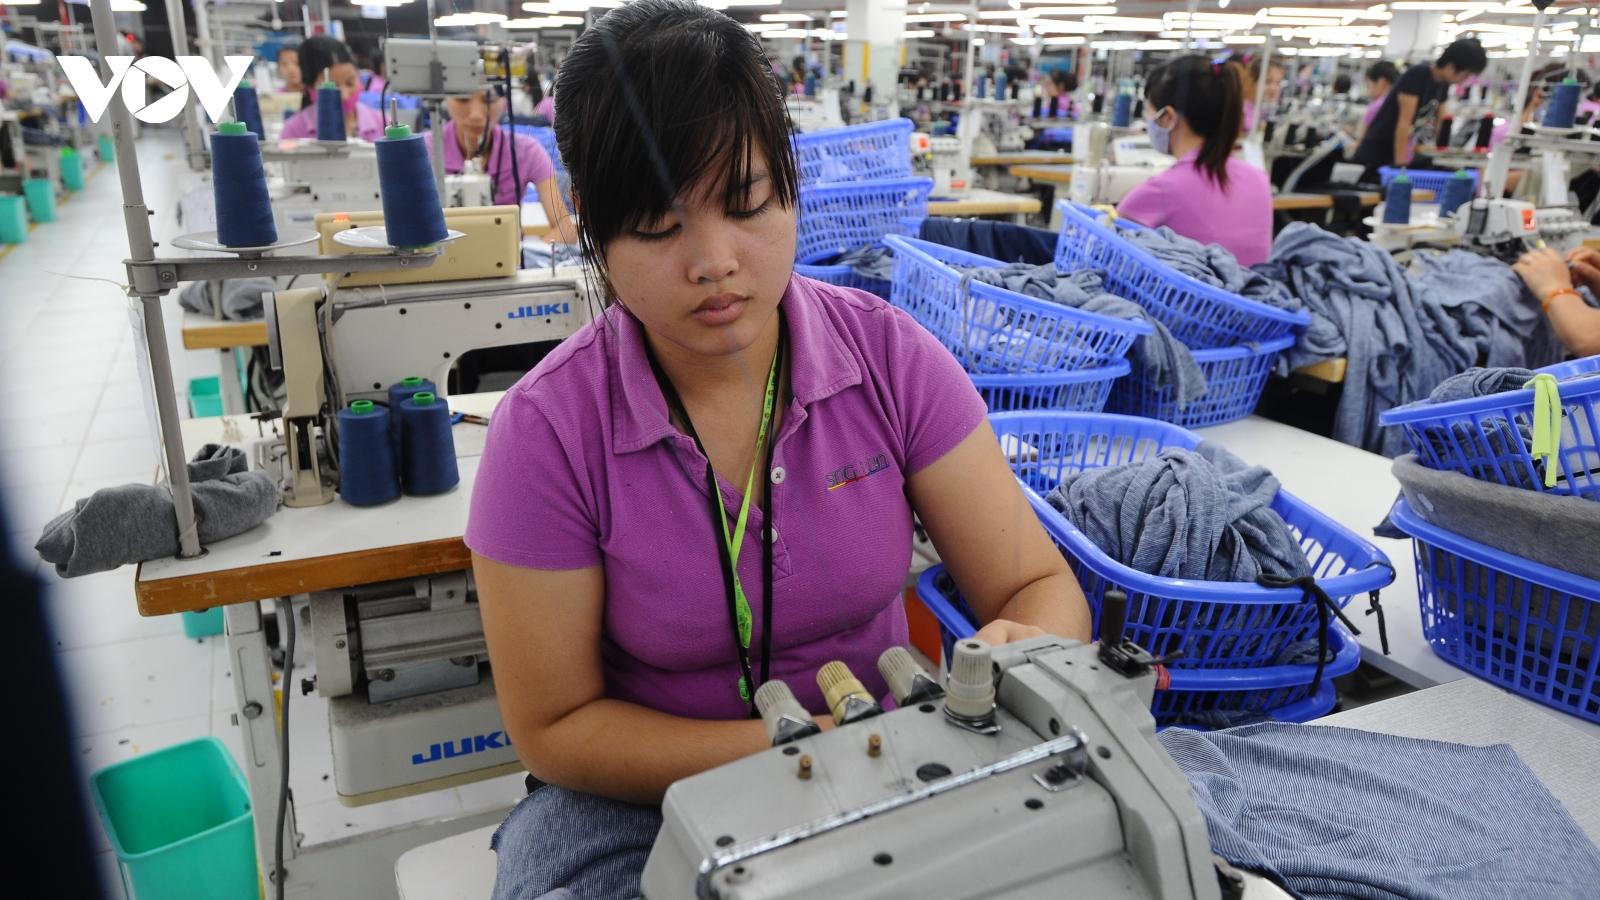 Thị trường lao động Việt Nam vẫn bộc lộ bất cập